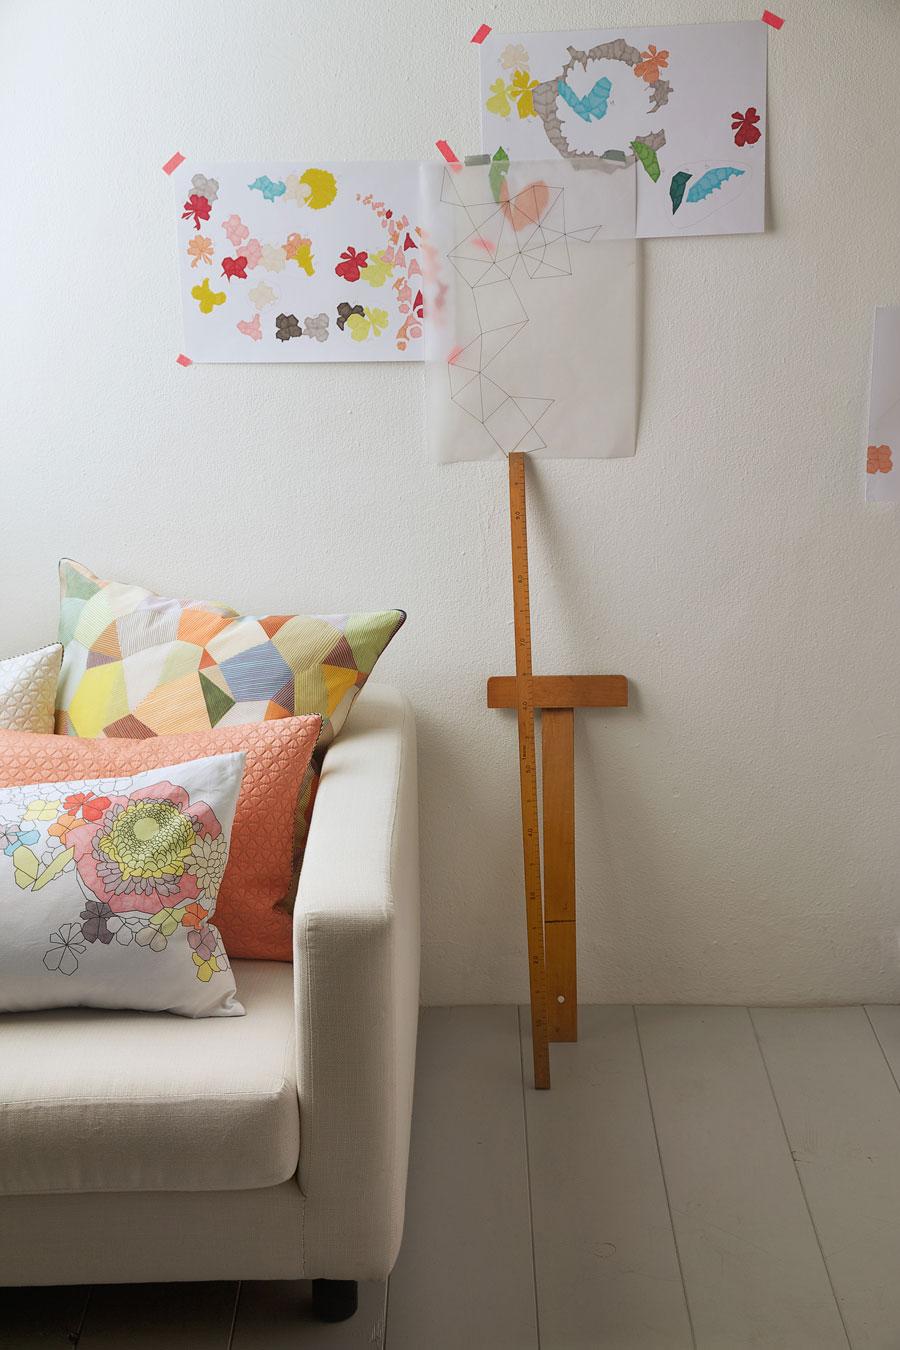 alberto bargna rappresentanze ecco alive gradini. Black Bedroom Furniture Sets. Home Design Ideas